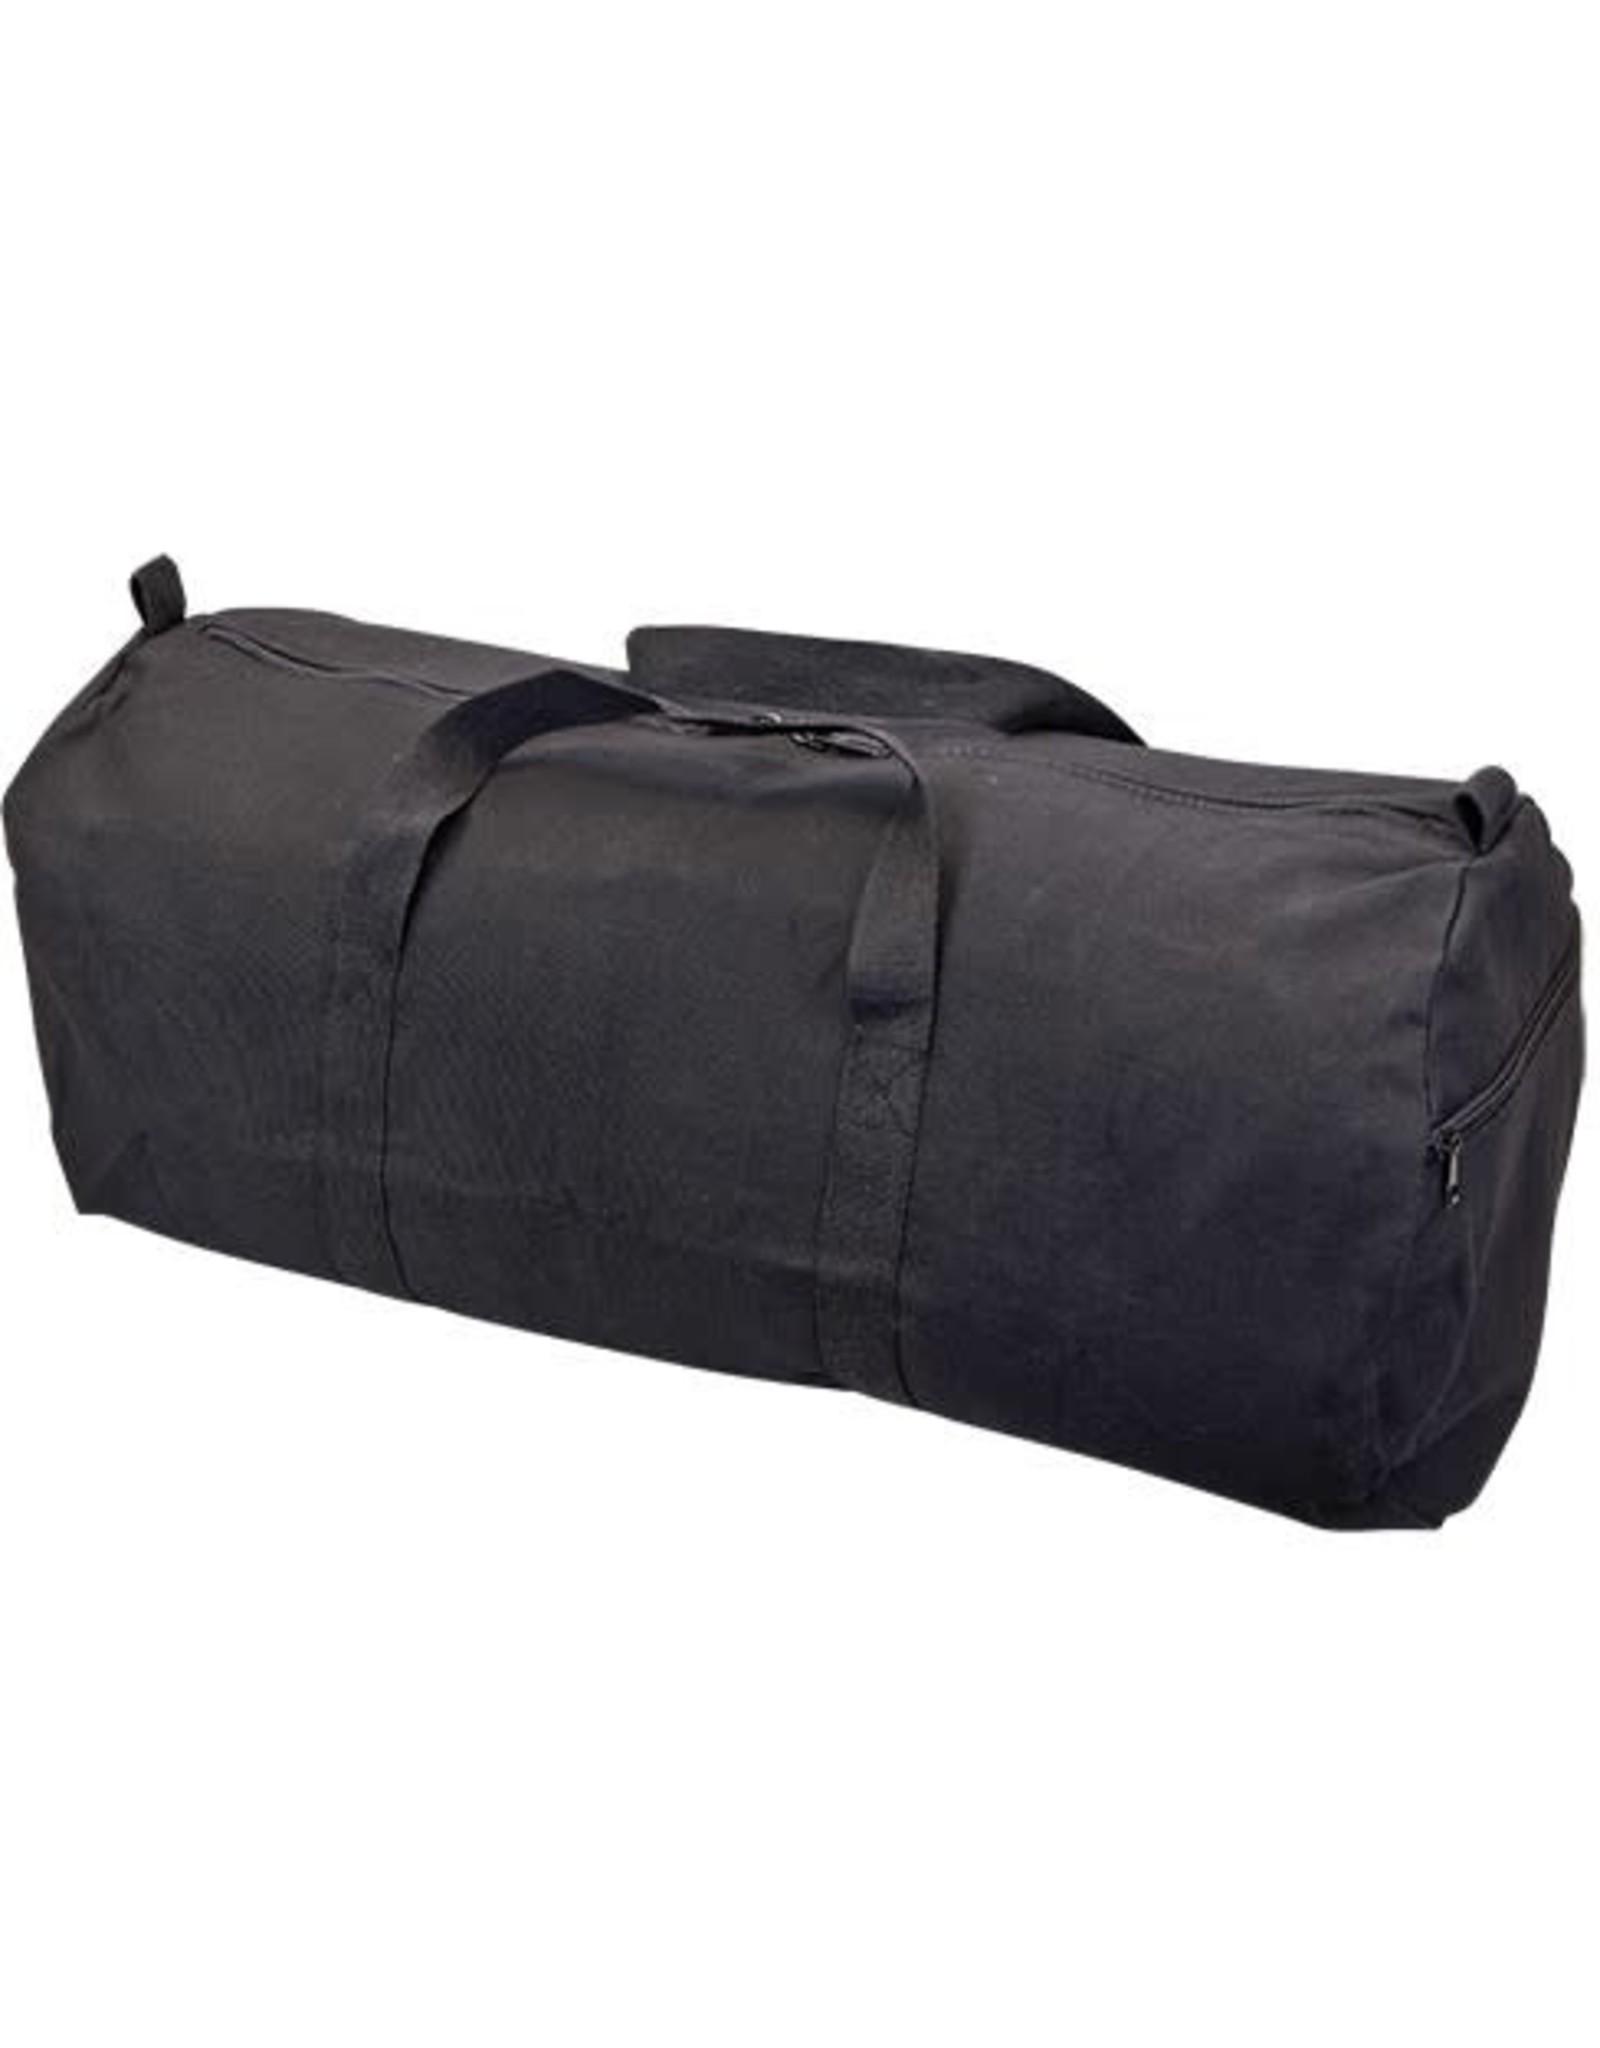 Kookaburra Heavy Duty Canvas Gear Bag